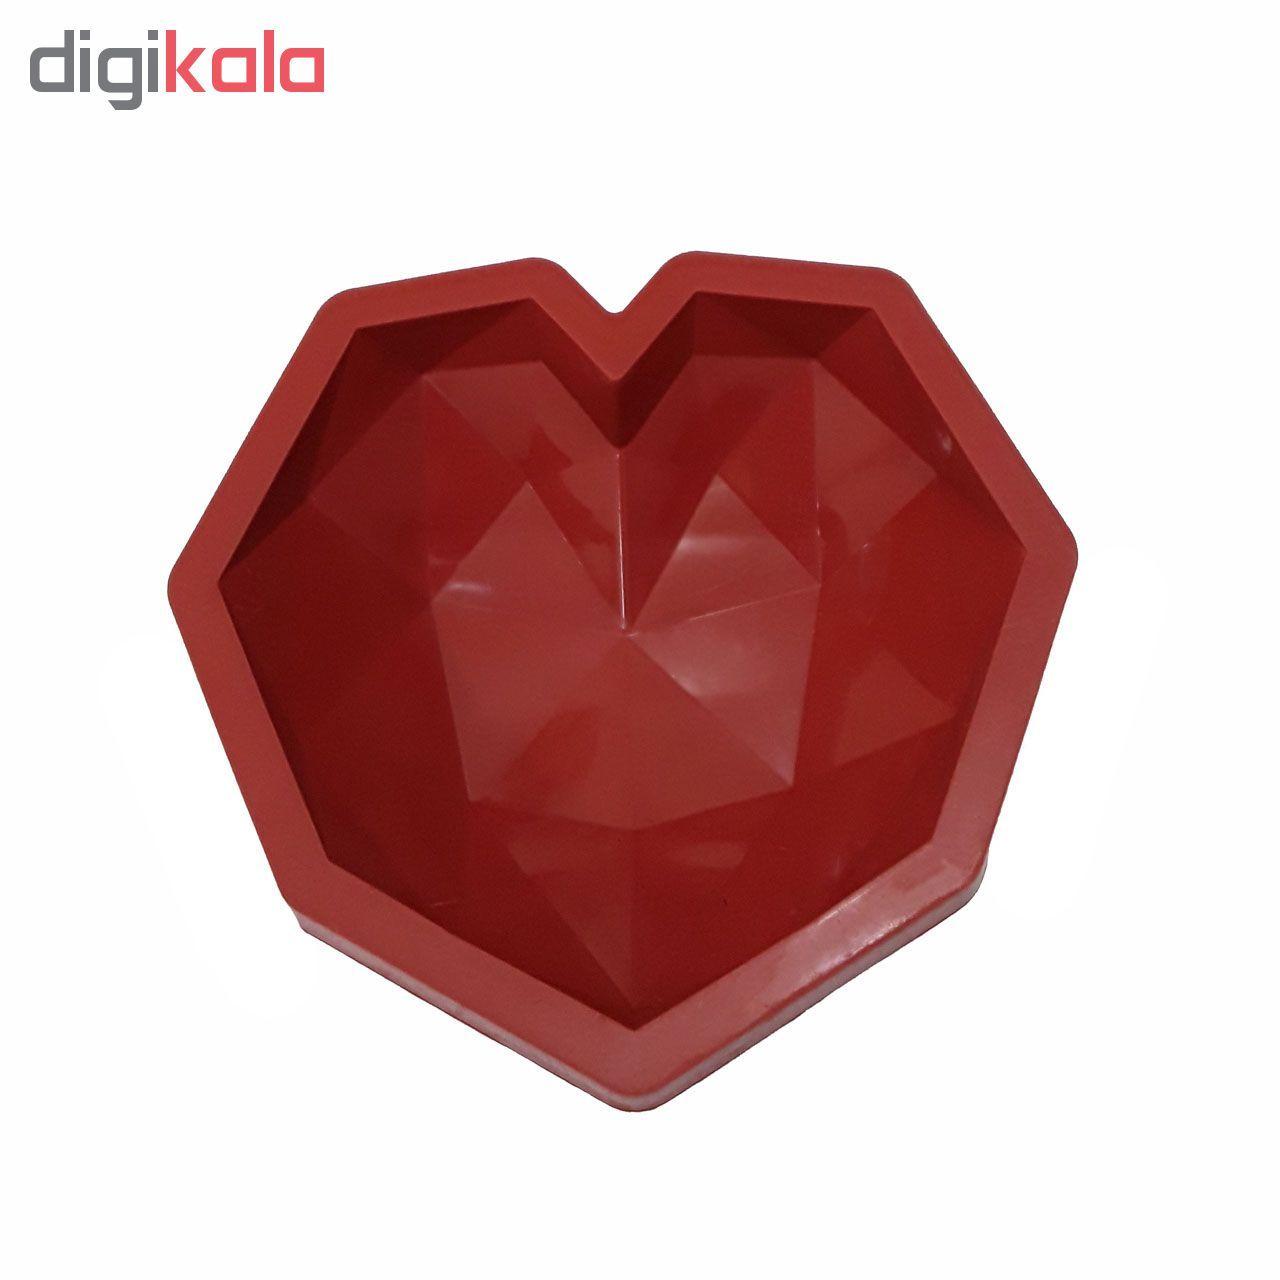 قالب کیک طرح قلب کد 2019 main 1 1